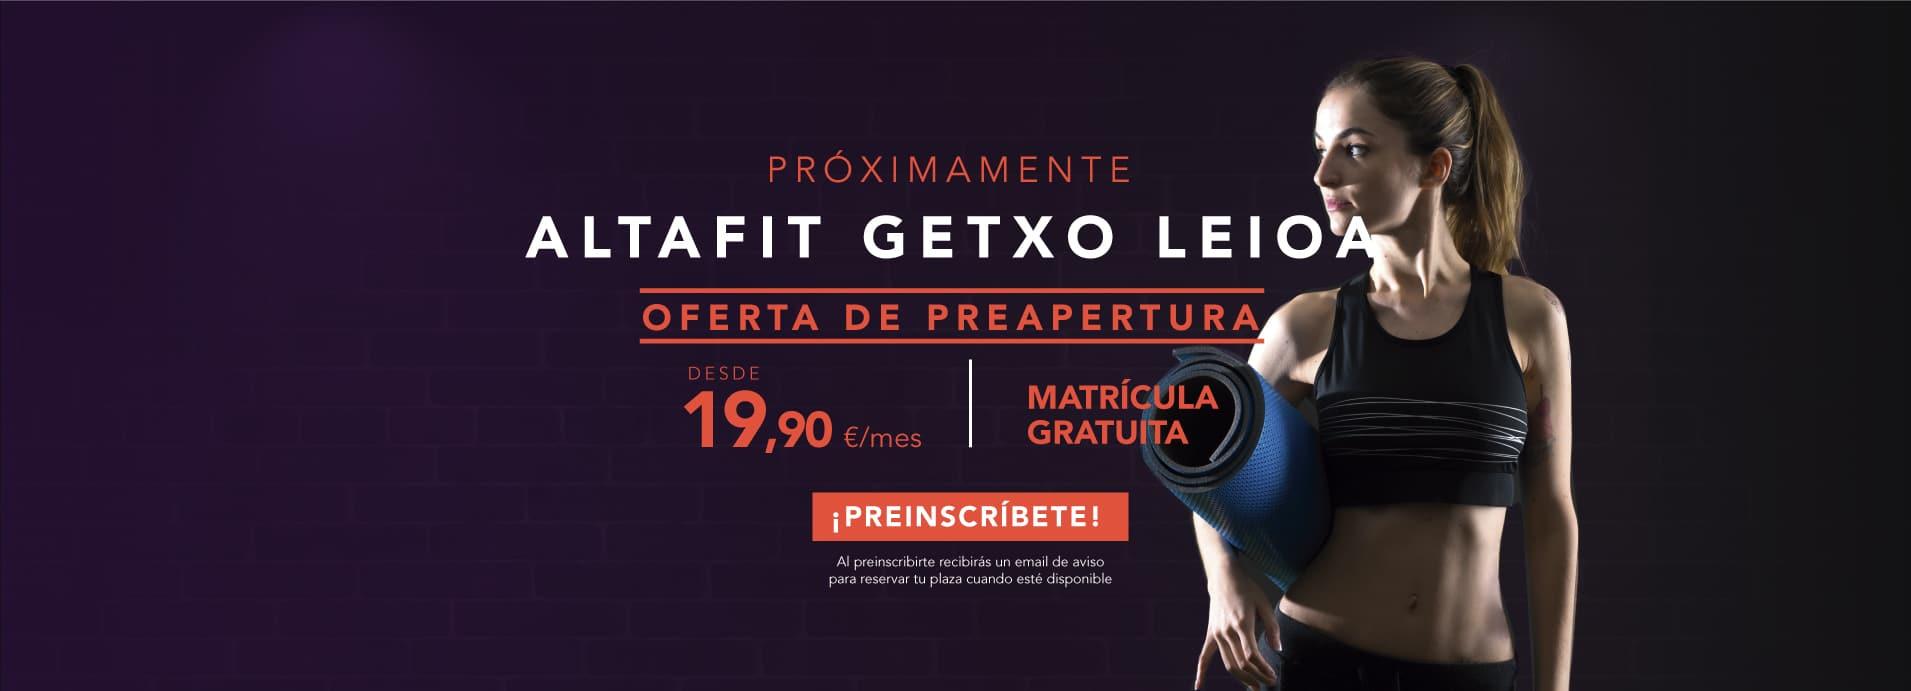 Preinscríbete en el nuevo Altafit Getxo Leioa